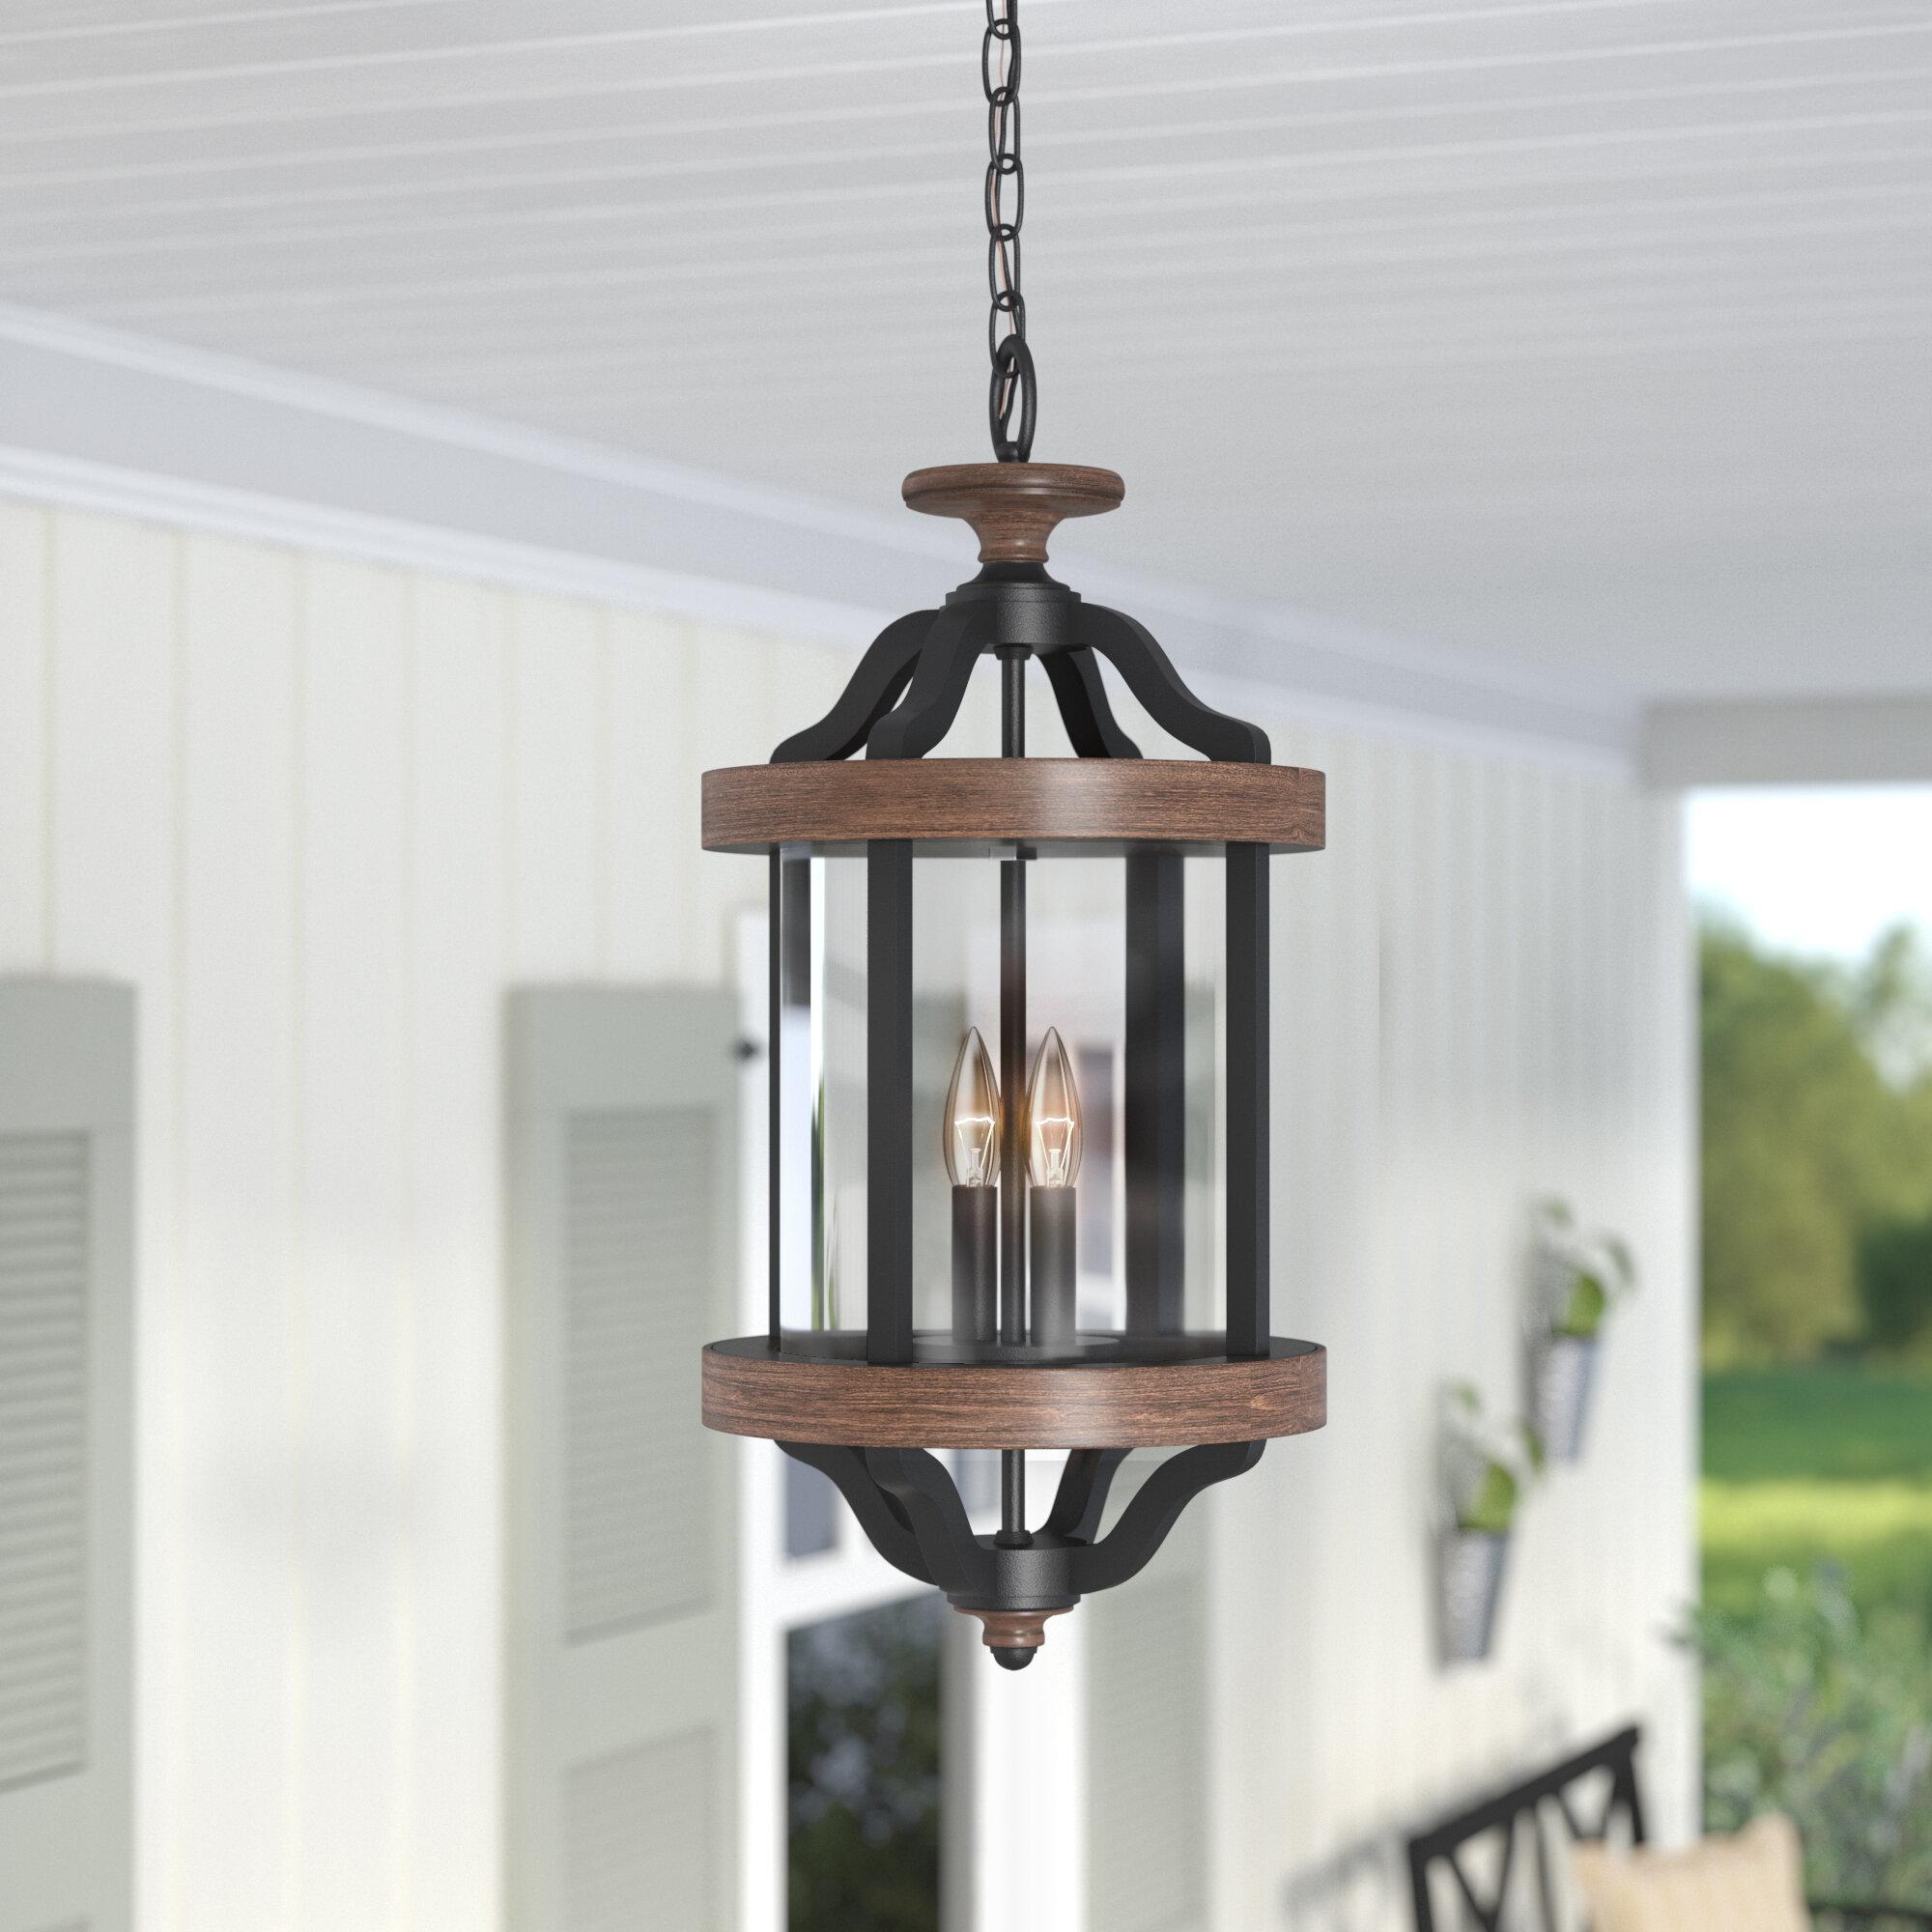 Laurel Foundry Modern Farmhouse Elisabetta 2 Light Outdoor Pendant Reviews Wayfair